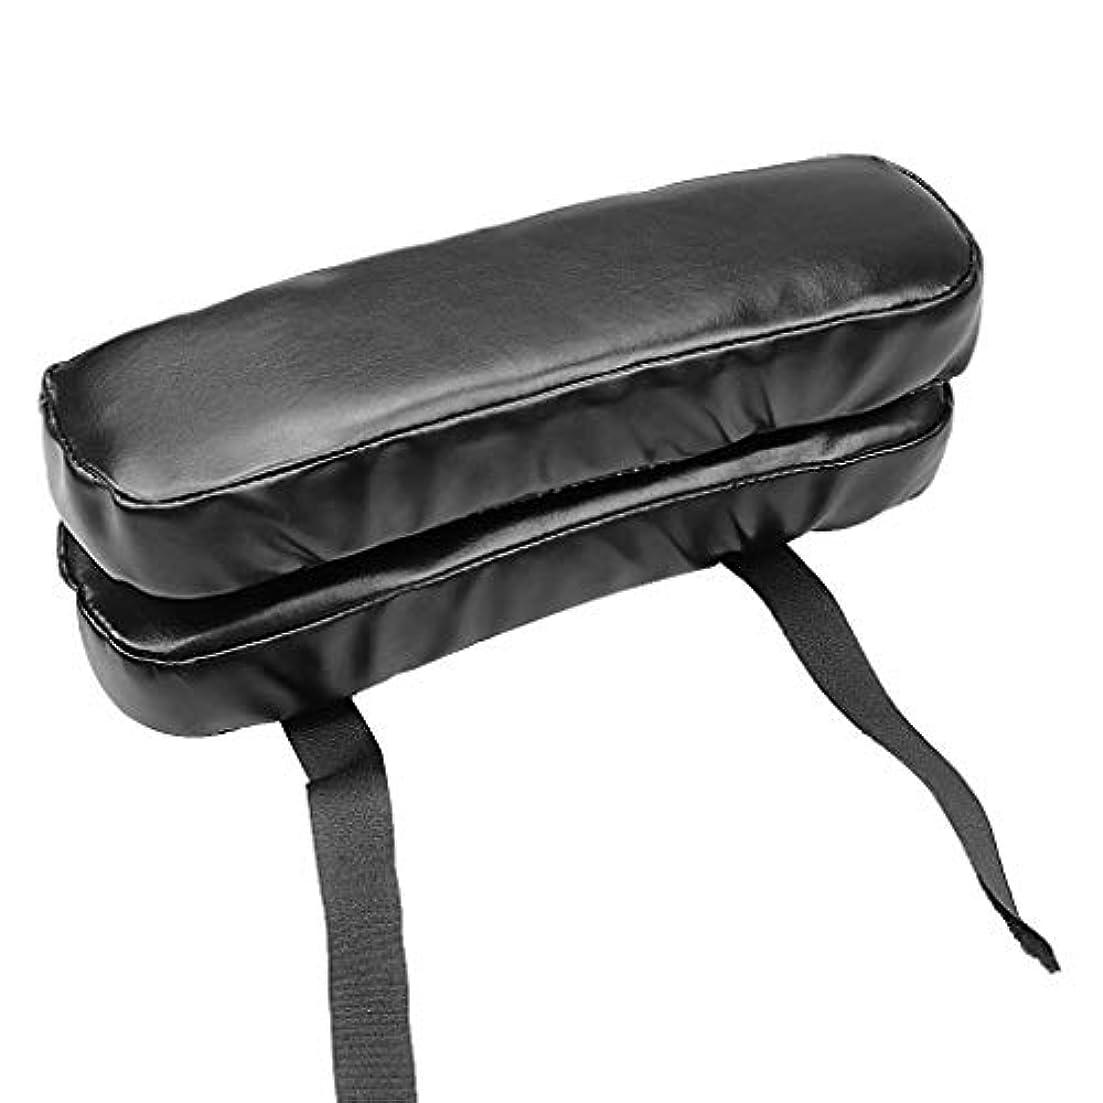 通常七時半せがむLamdoo puレザーチェアアームレストパッドクッション低反発ソフト反発肘肘枕オフィス車の椅子